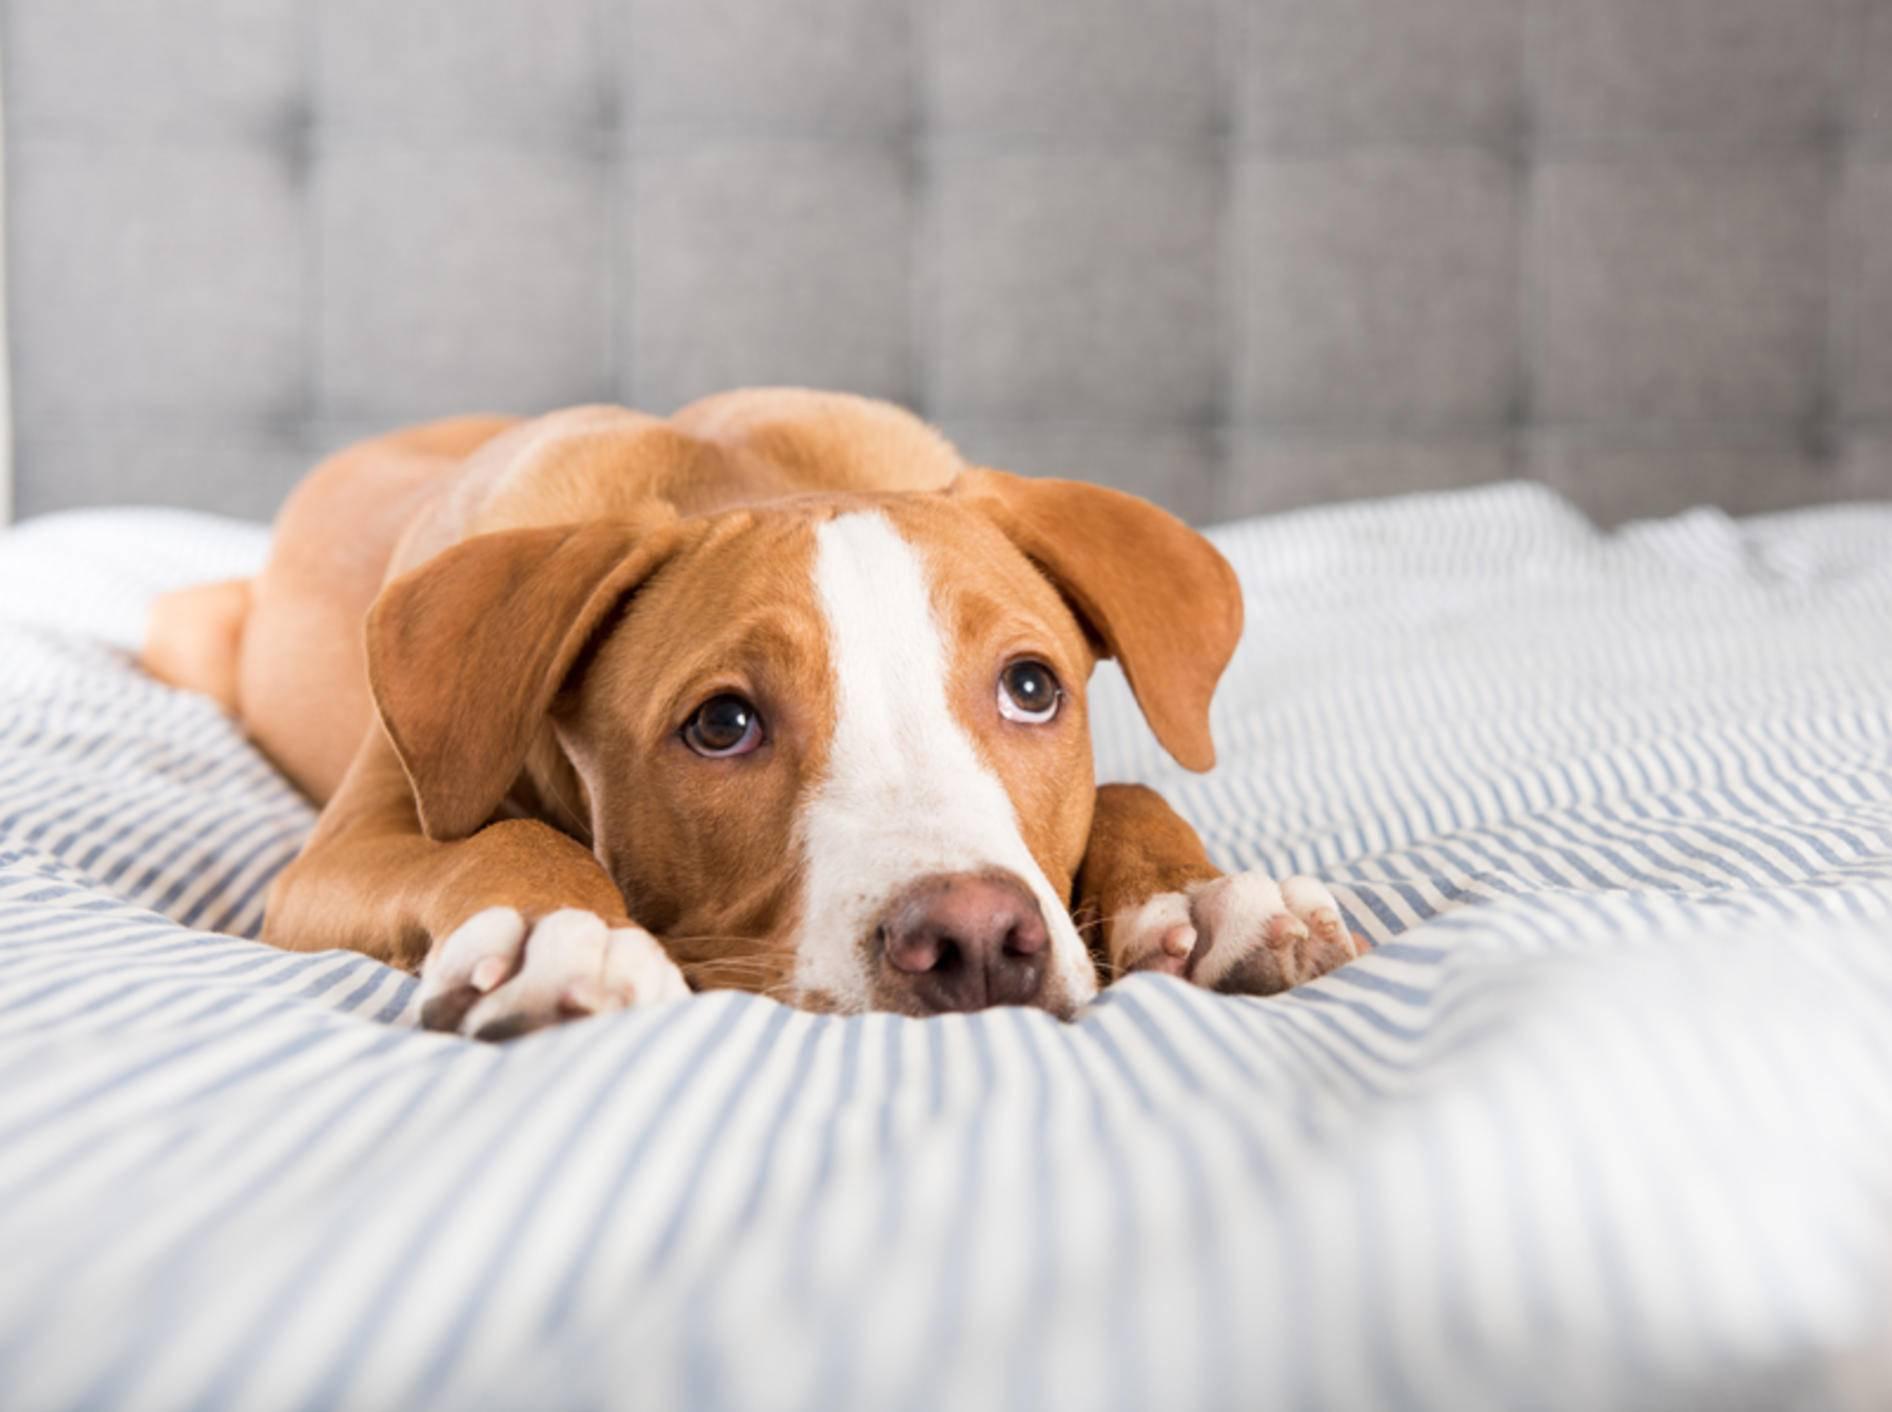 Hund liegt auf dem Bett und schaut mit großen Augen nach oben